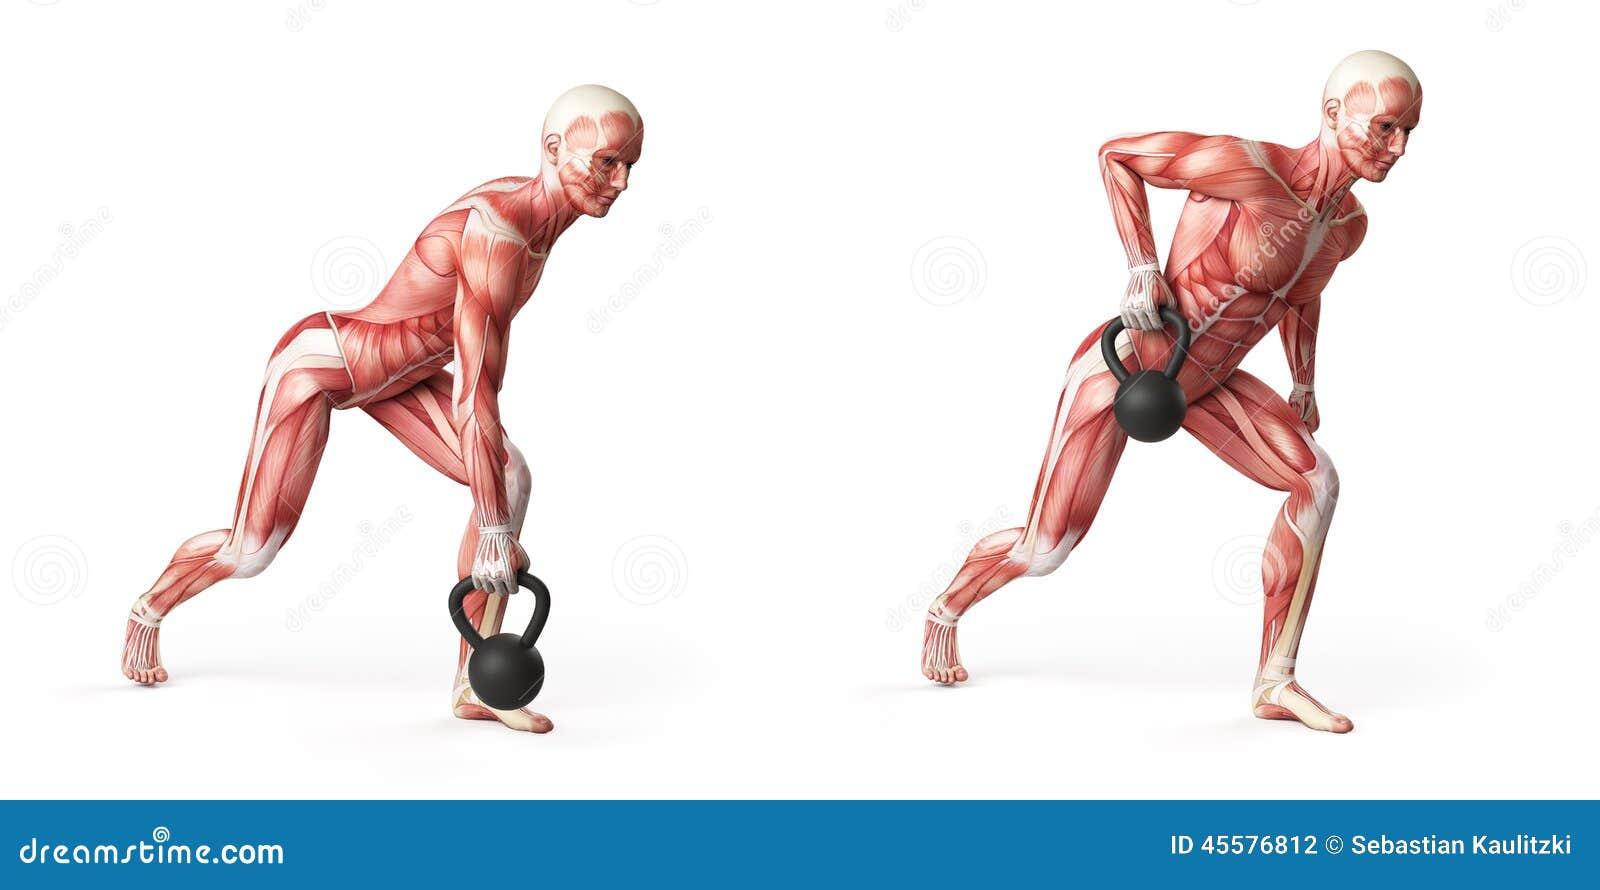 Kettlebell exercise stock illustration. Illustration of free - 45576812